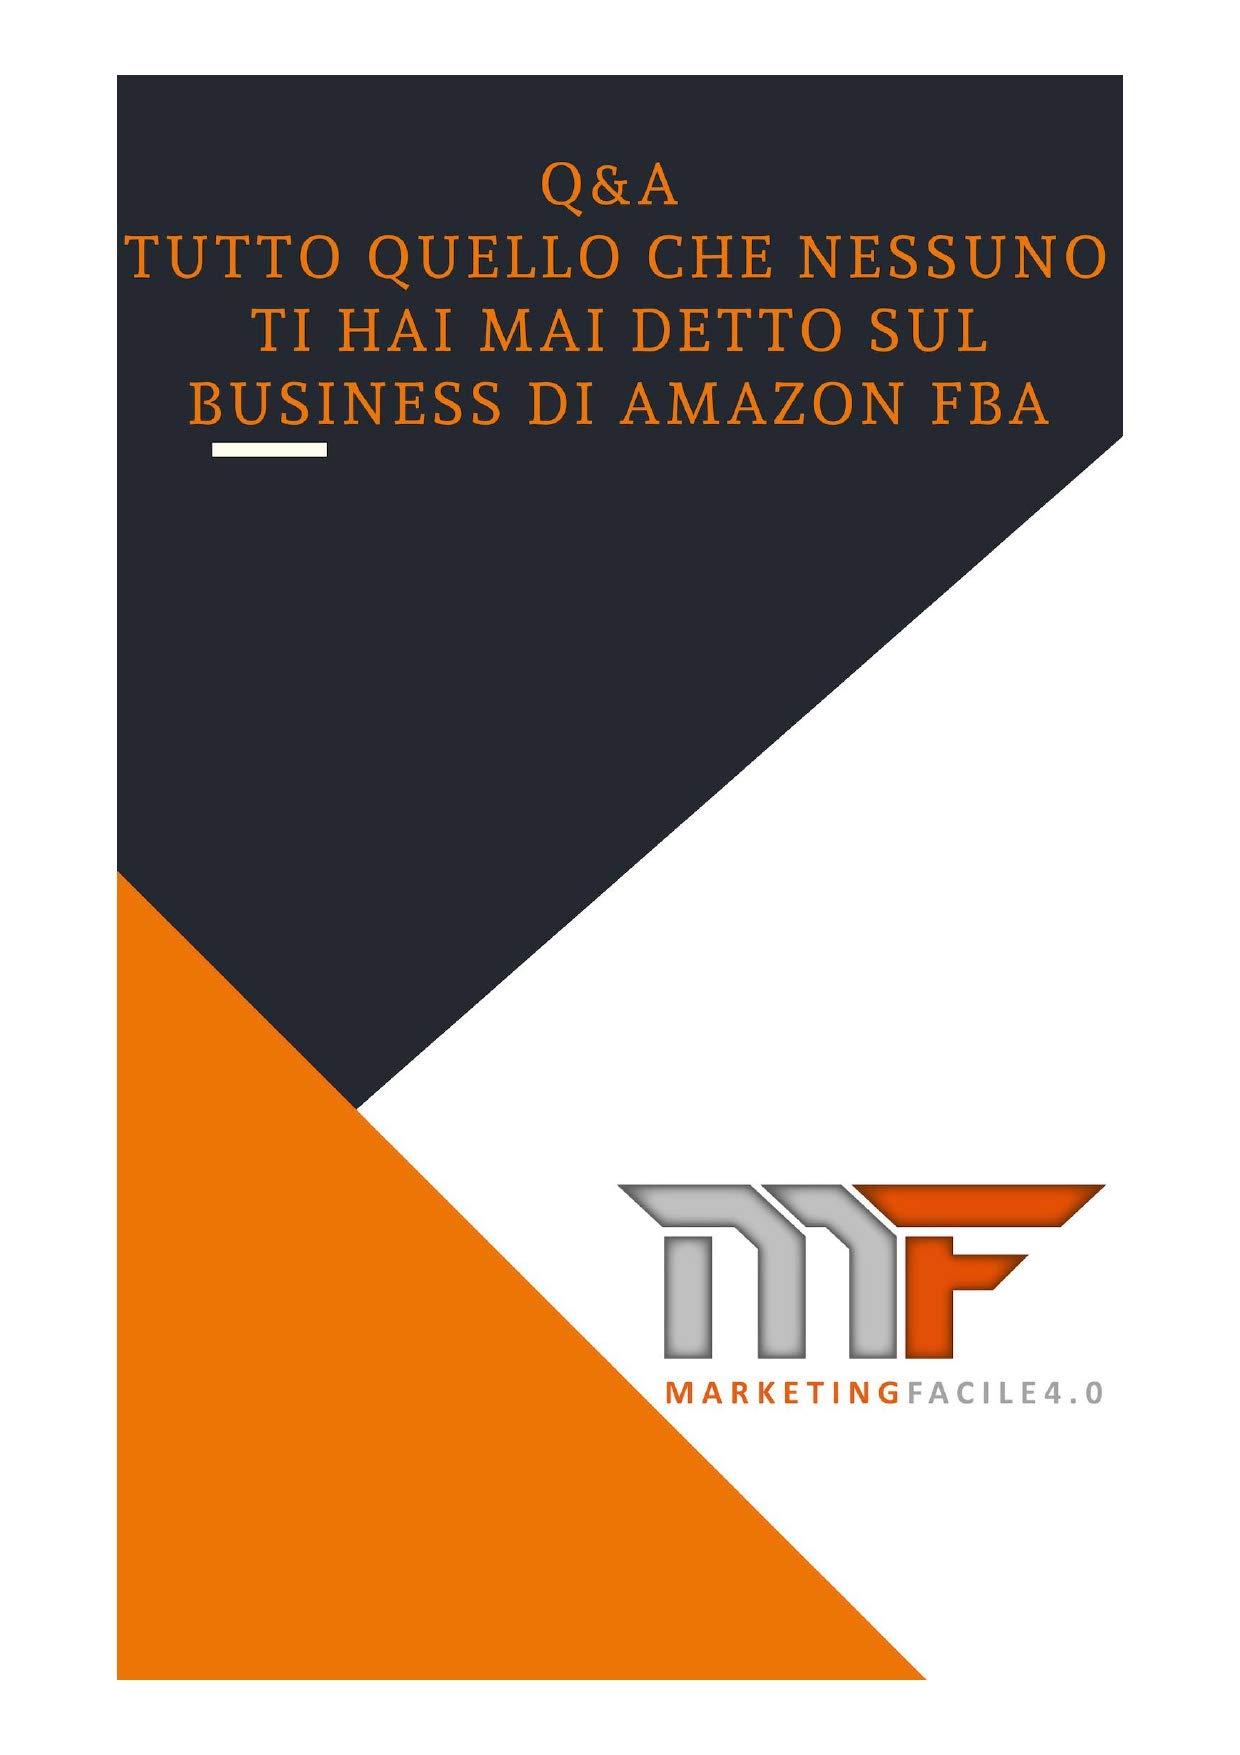 Q&A..tutto quello che nessuno ti ha mai detto sul business di Amazon FBA (Italian Edition)